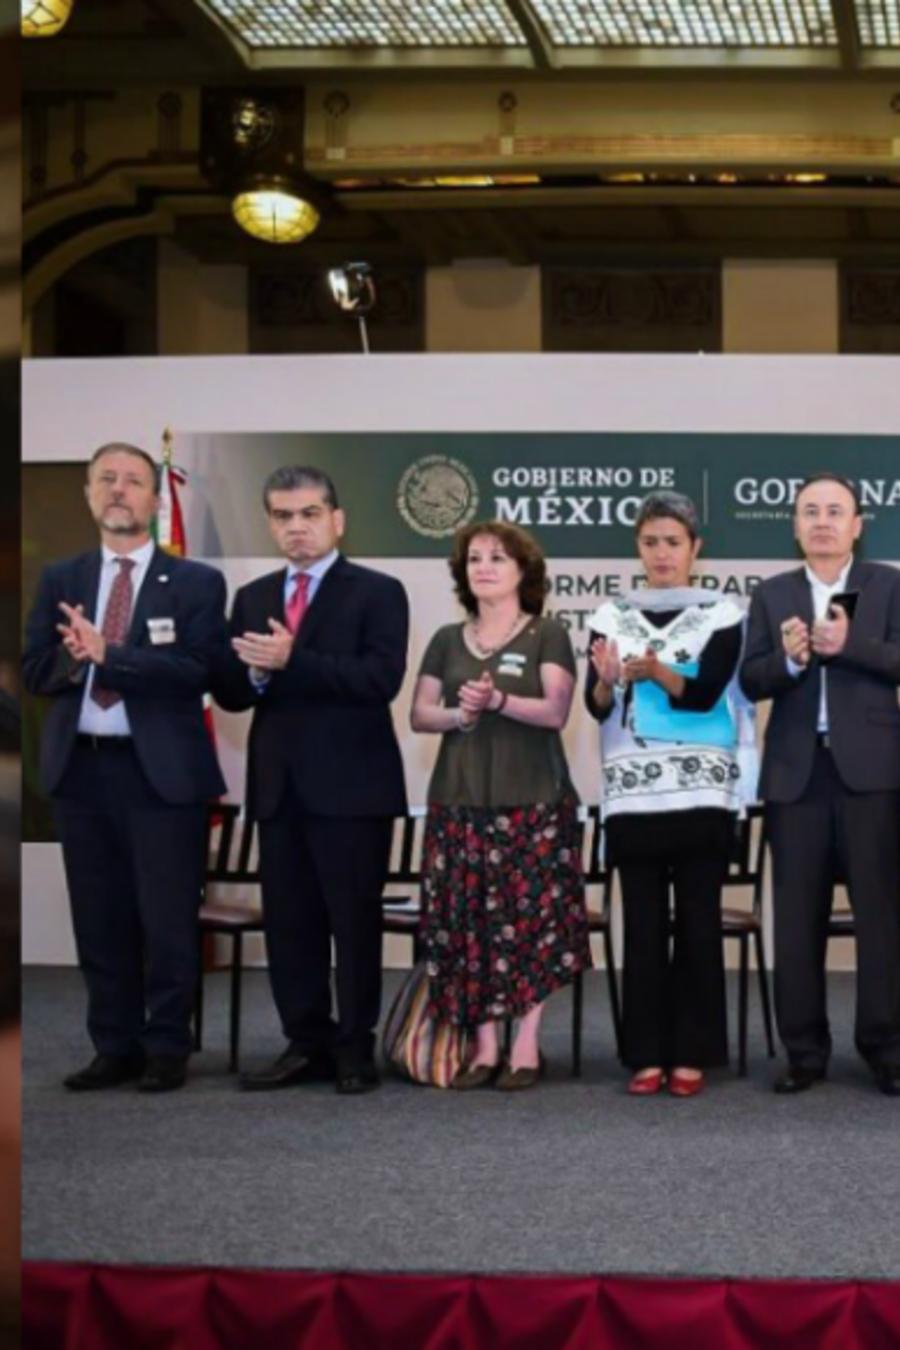 Conferencia en Palacio Nacional para tratar el tema de los desaparecidos